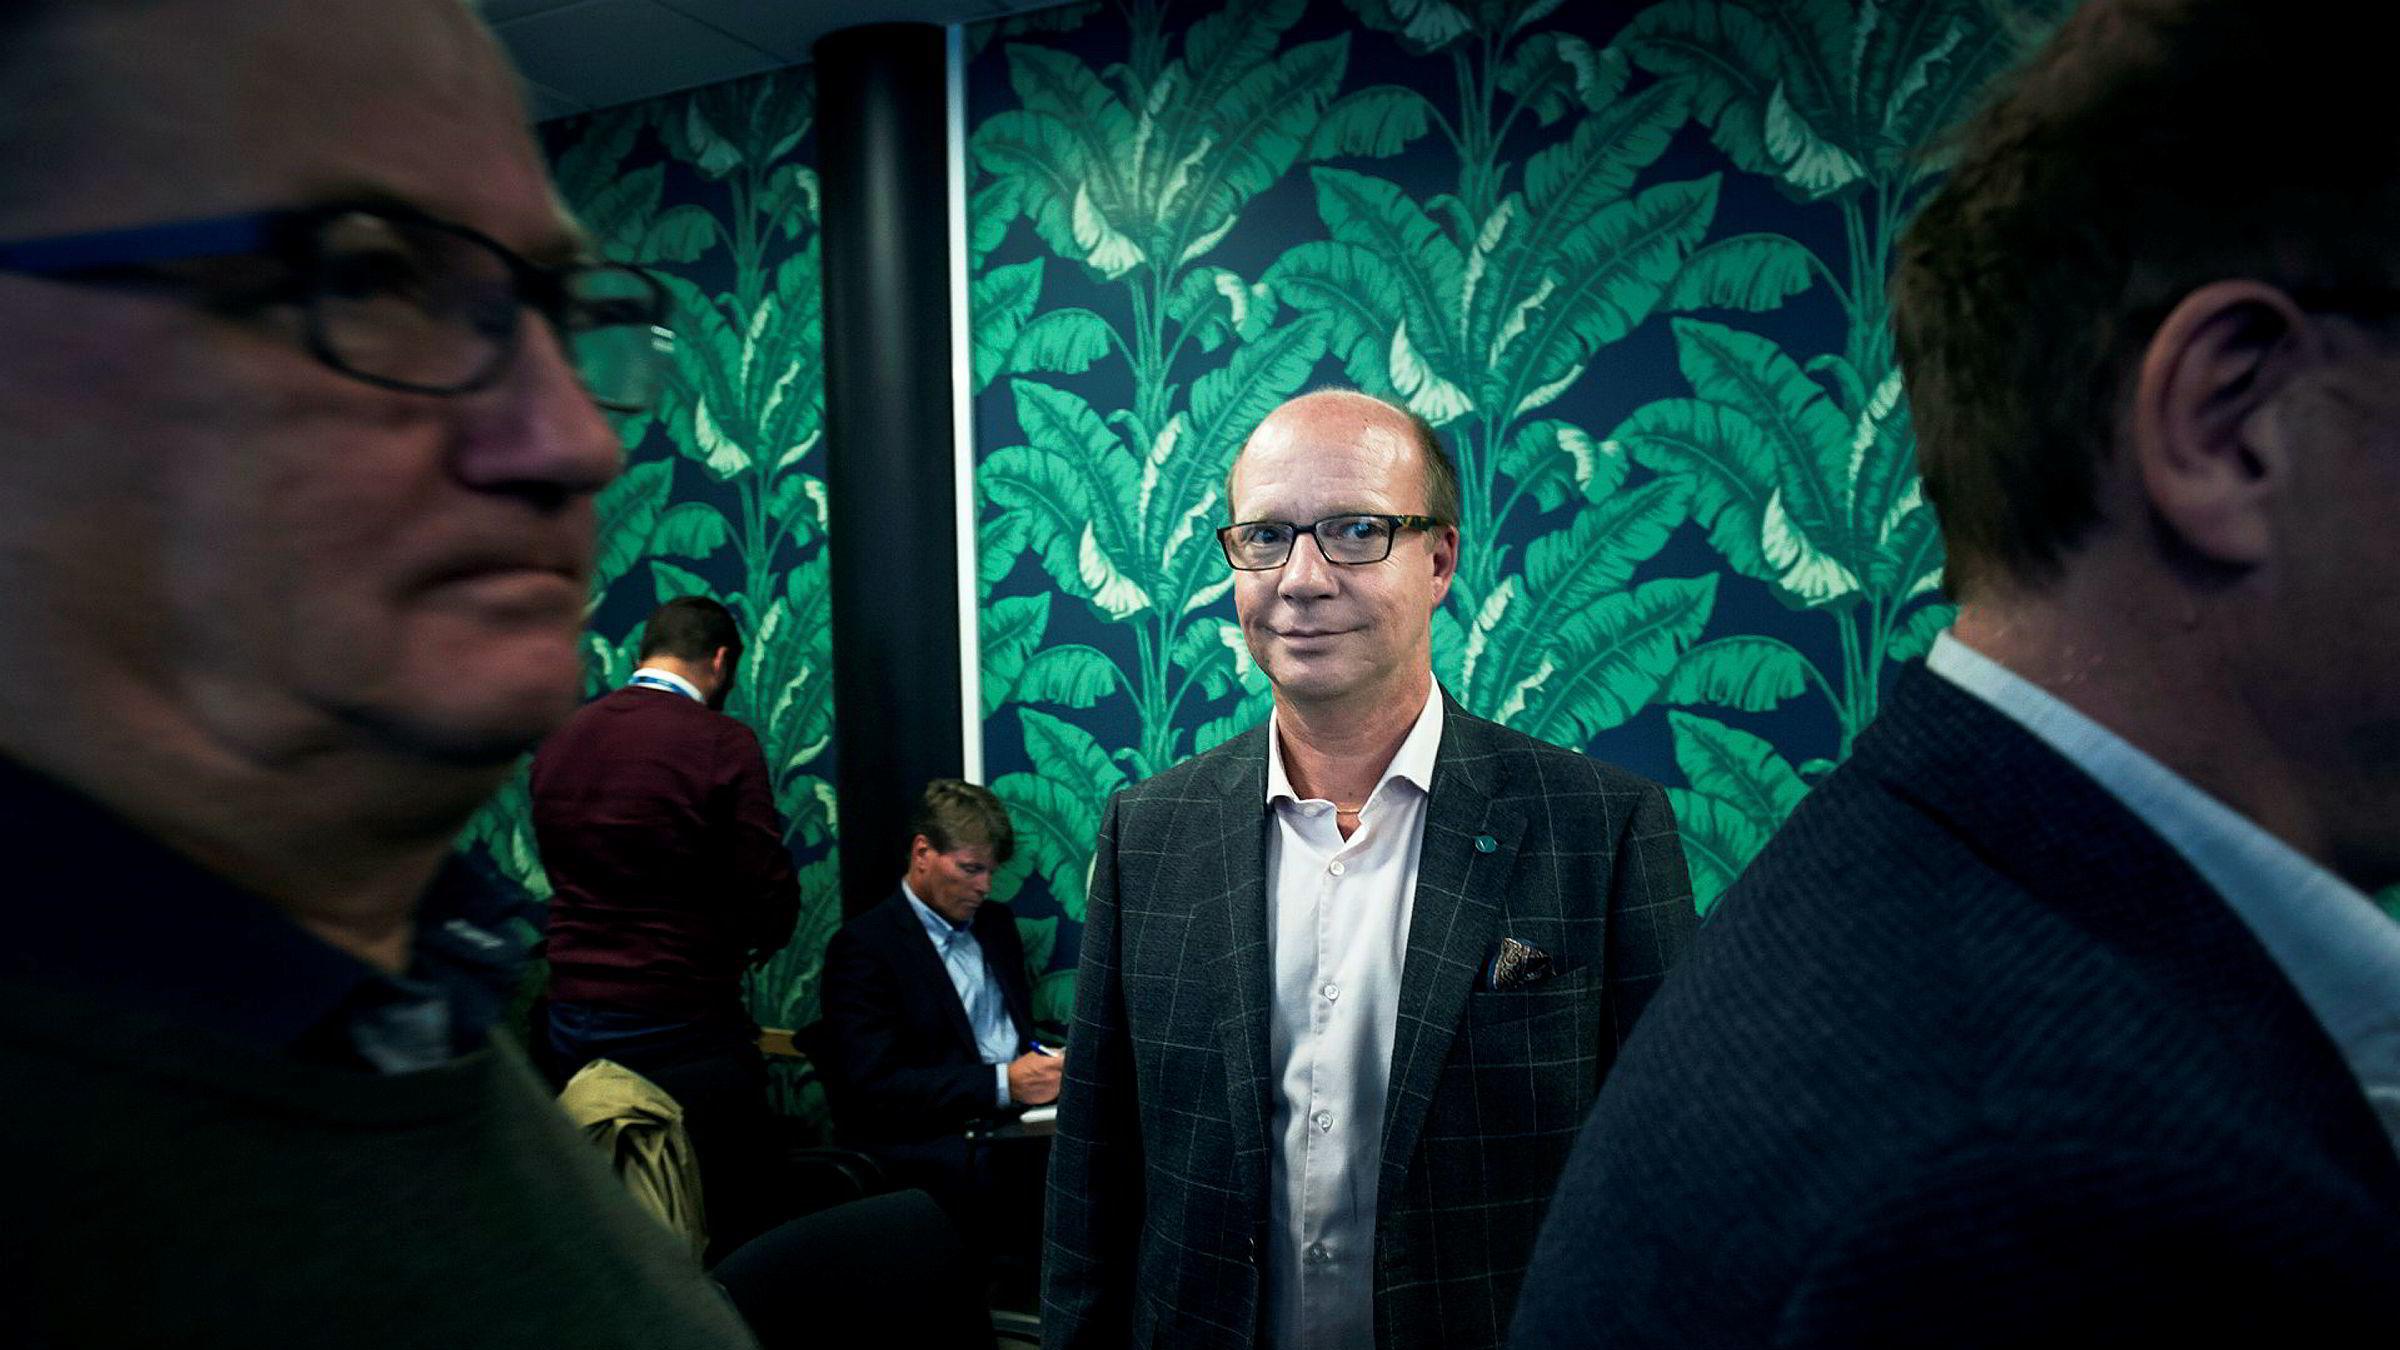 Ketil Kjenseth (Venstre), stortingsrepresentant for Oppland, har stilt spørsmål til justisminister Per Willy Amundsen om hva regjeringen gjør for å rette opp mangelen på kryptologer.